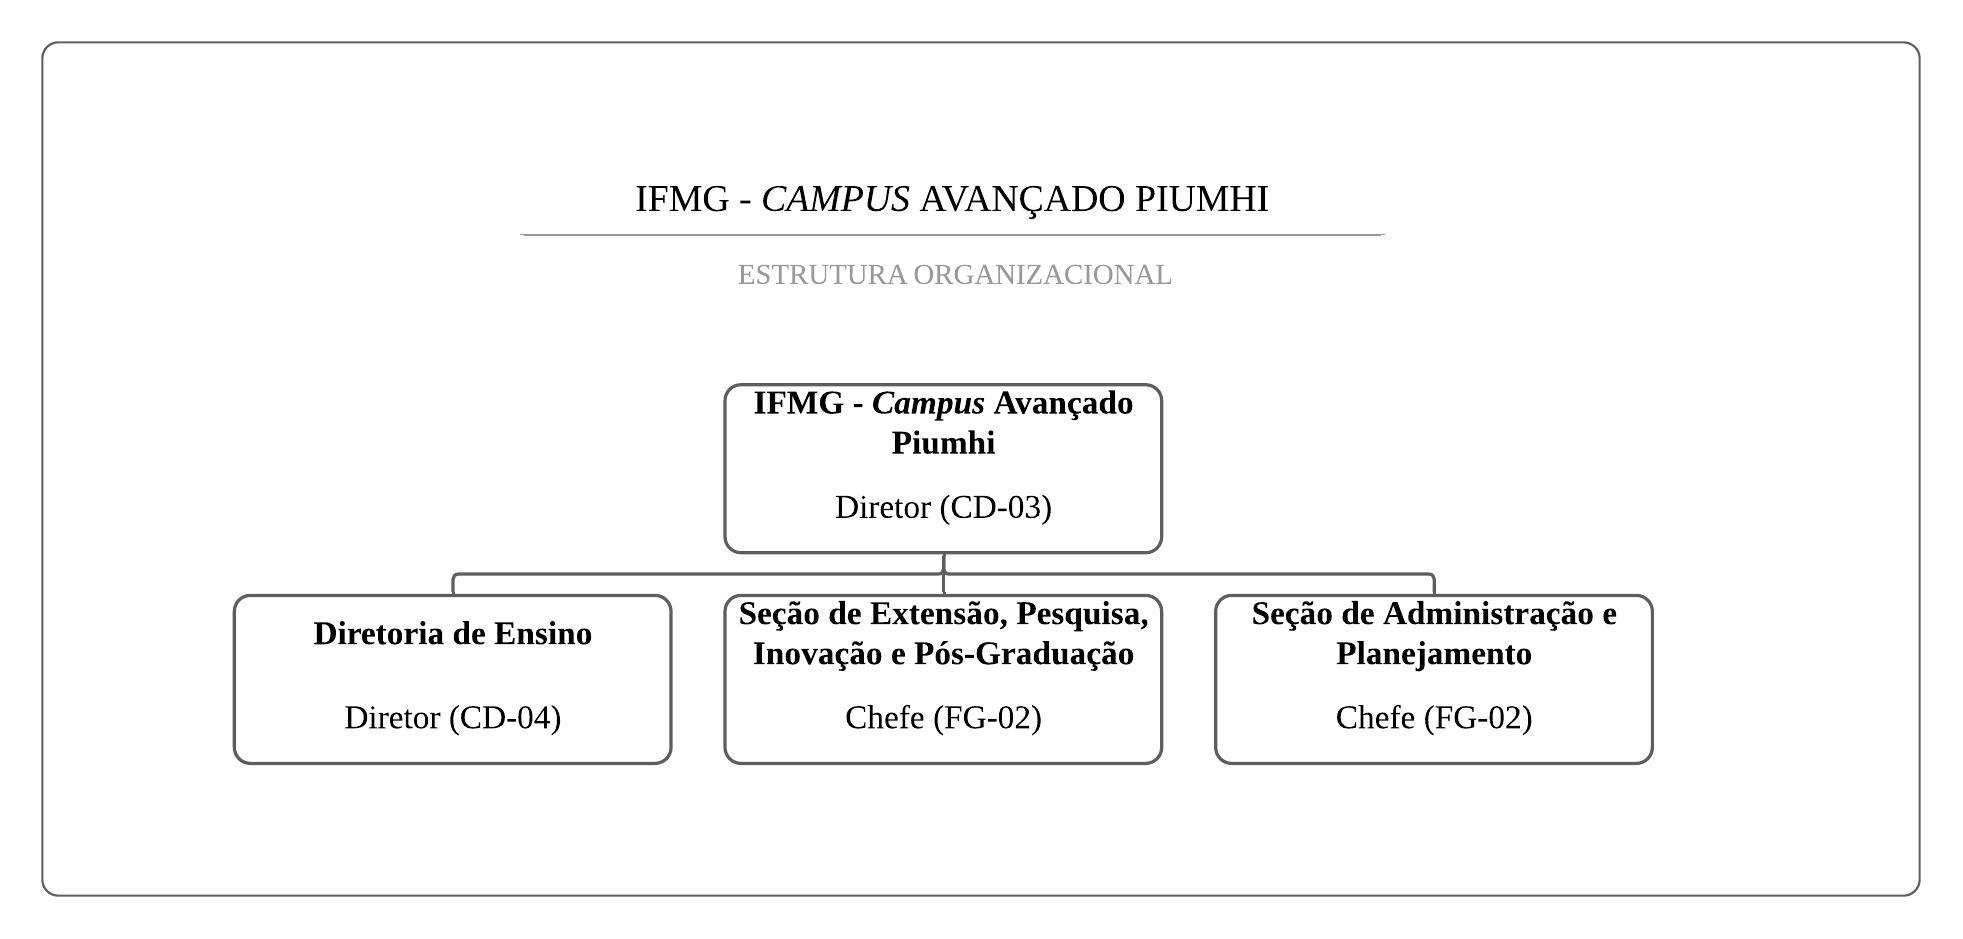 organograma_Piumhi_2020_CONSUP